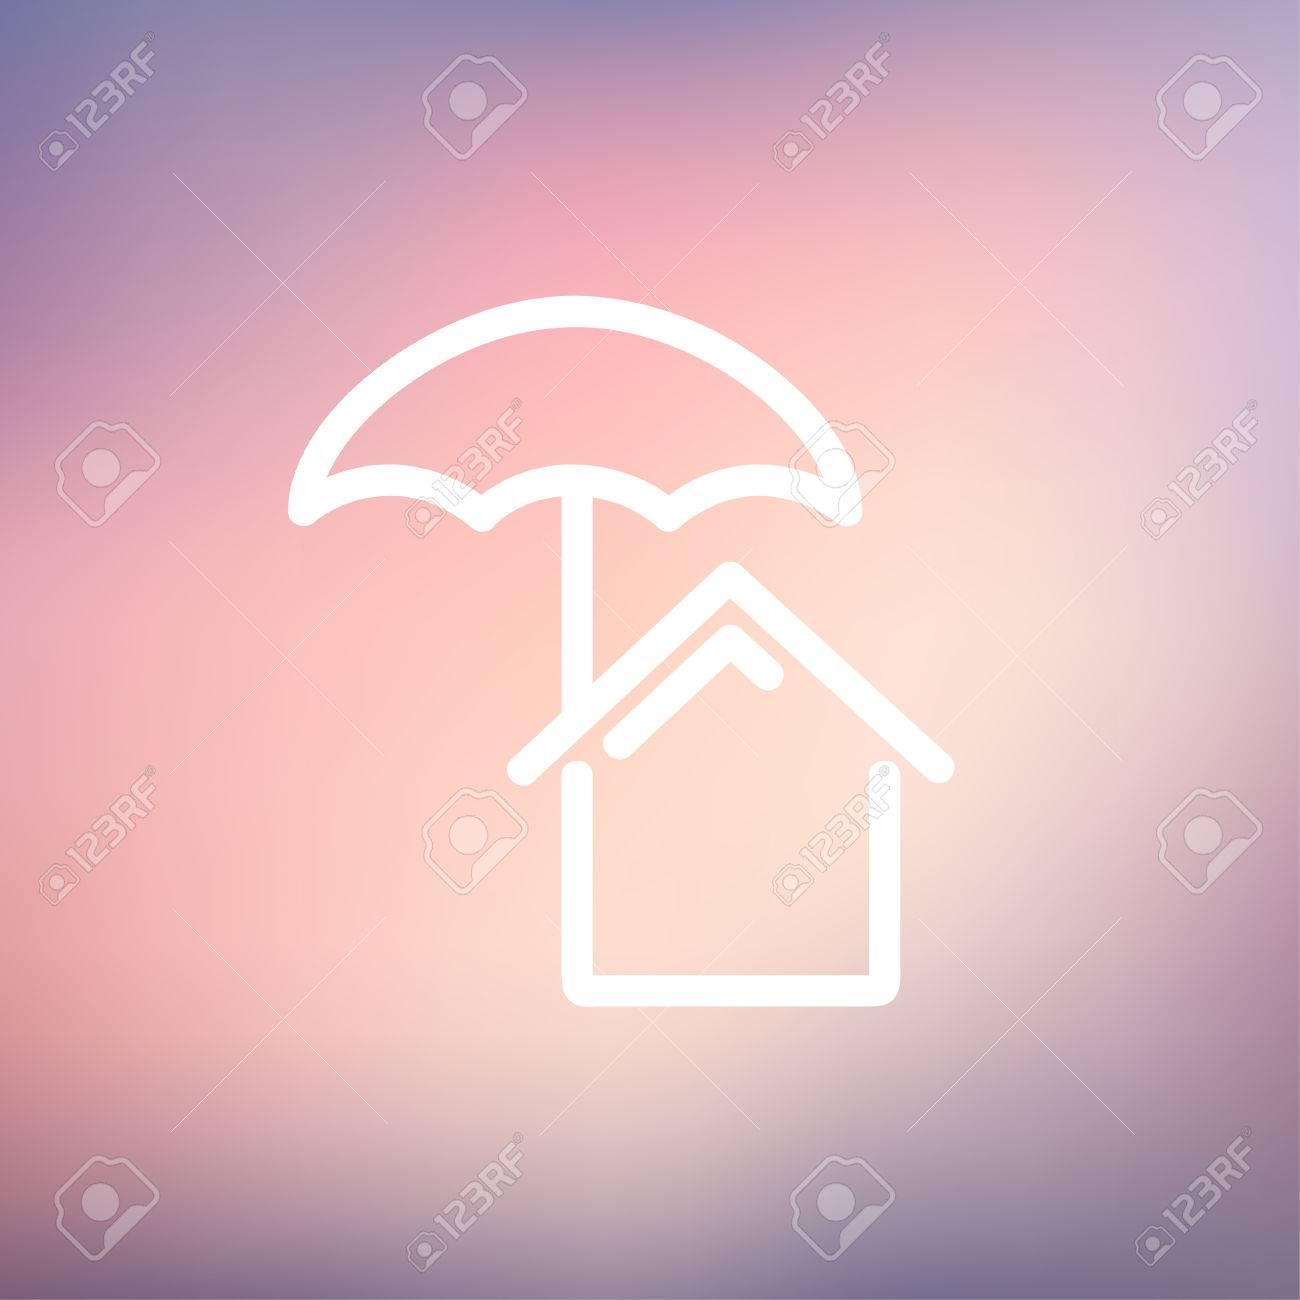 foto de archivo icono de seguro de la casa delgada lnea para web y mvil diseo plano minimalista moderno vector icono blanco sobre fondo de malla de with